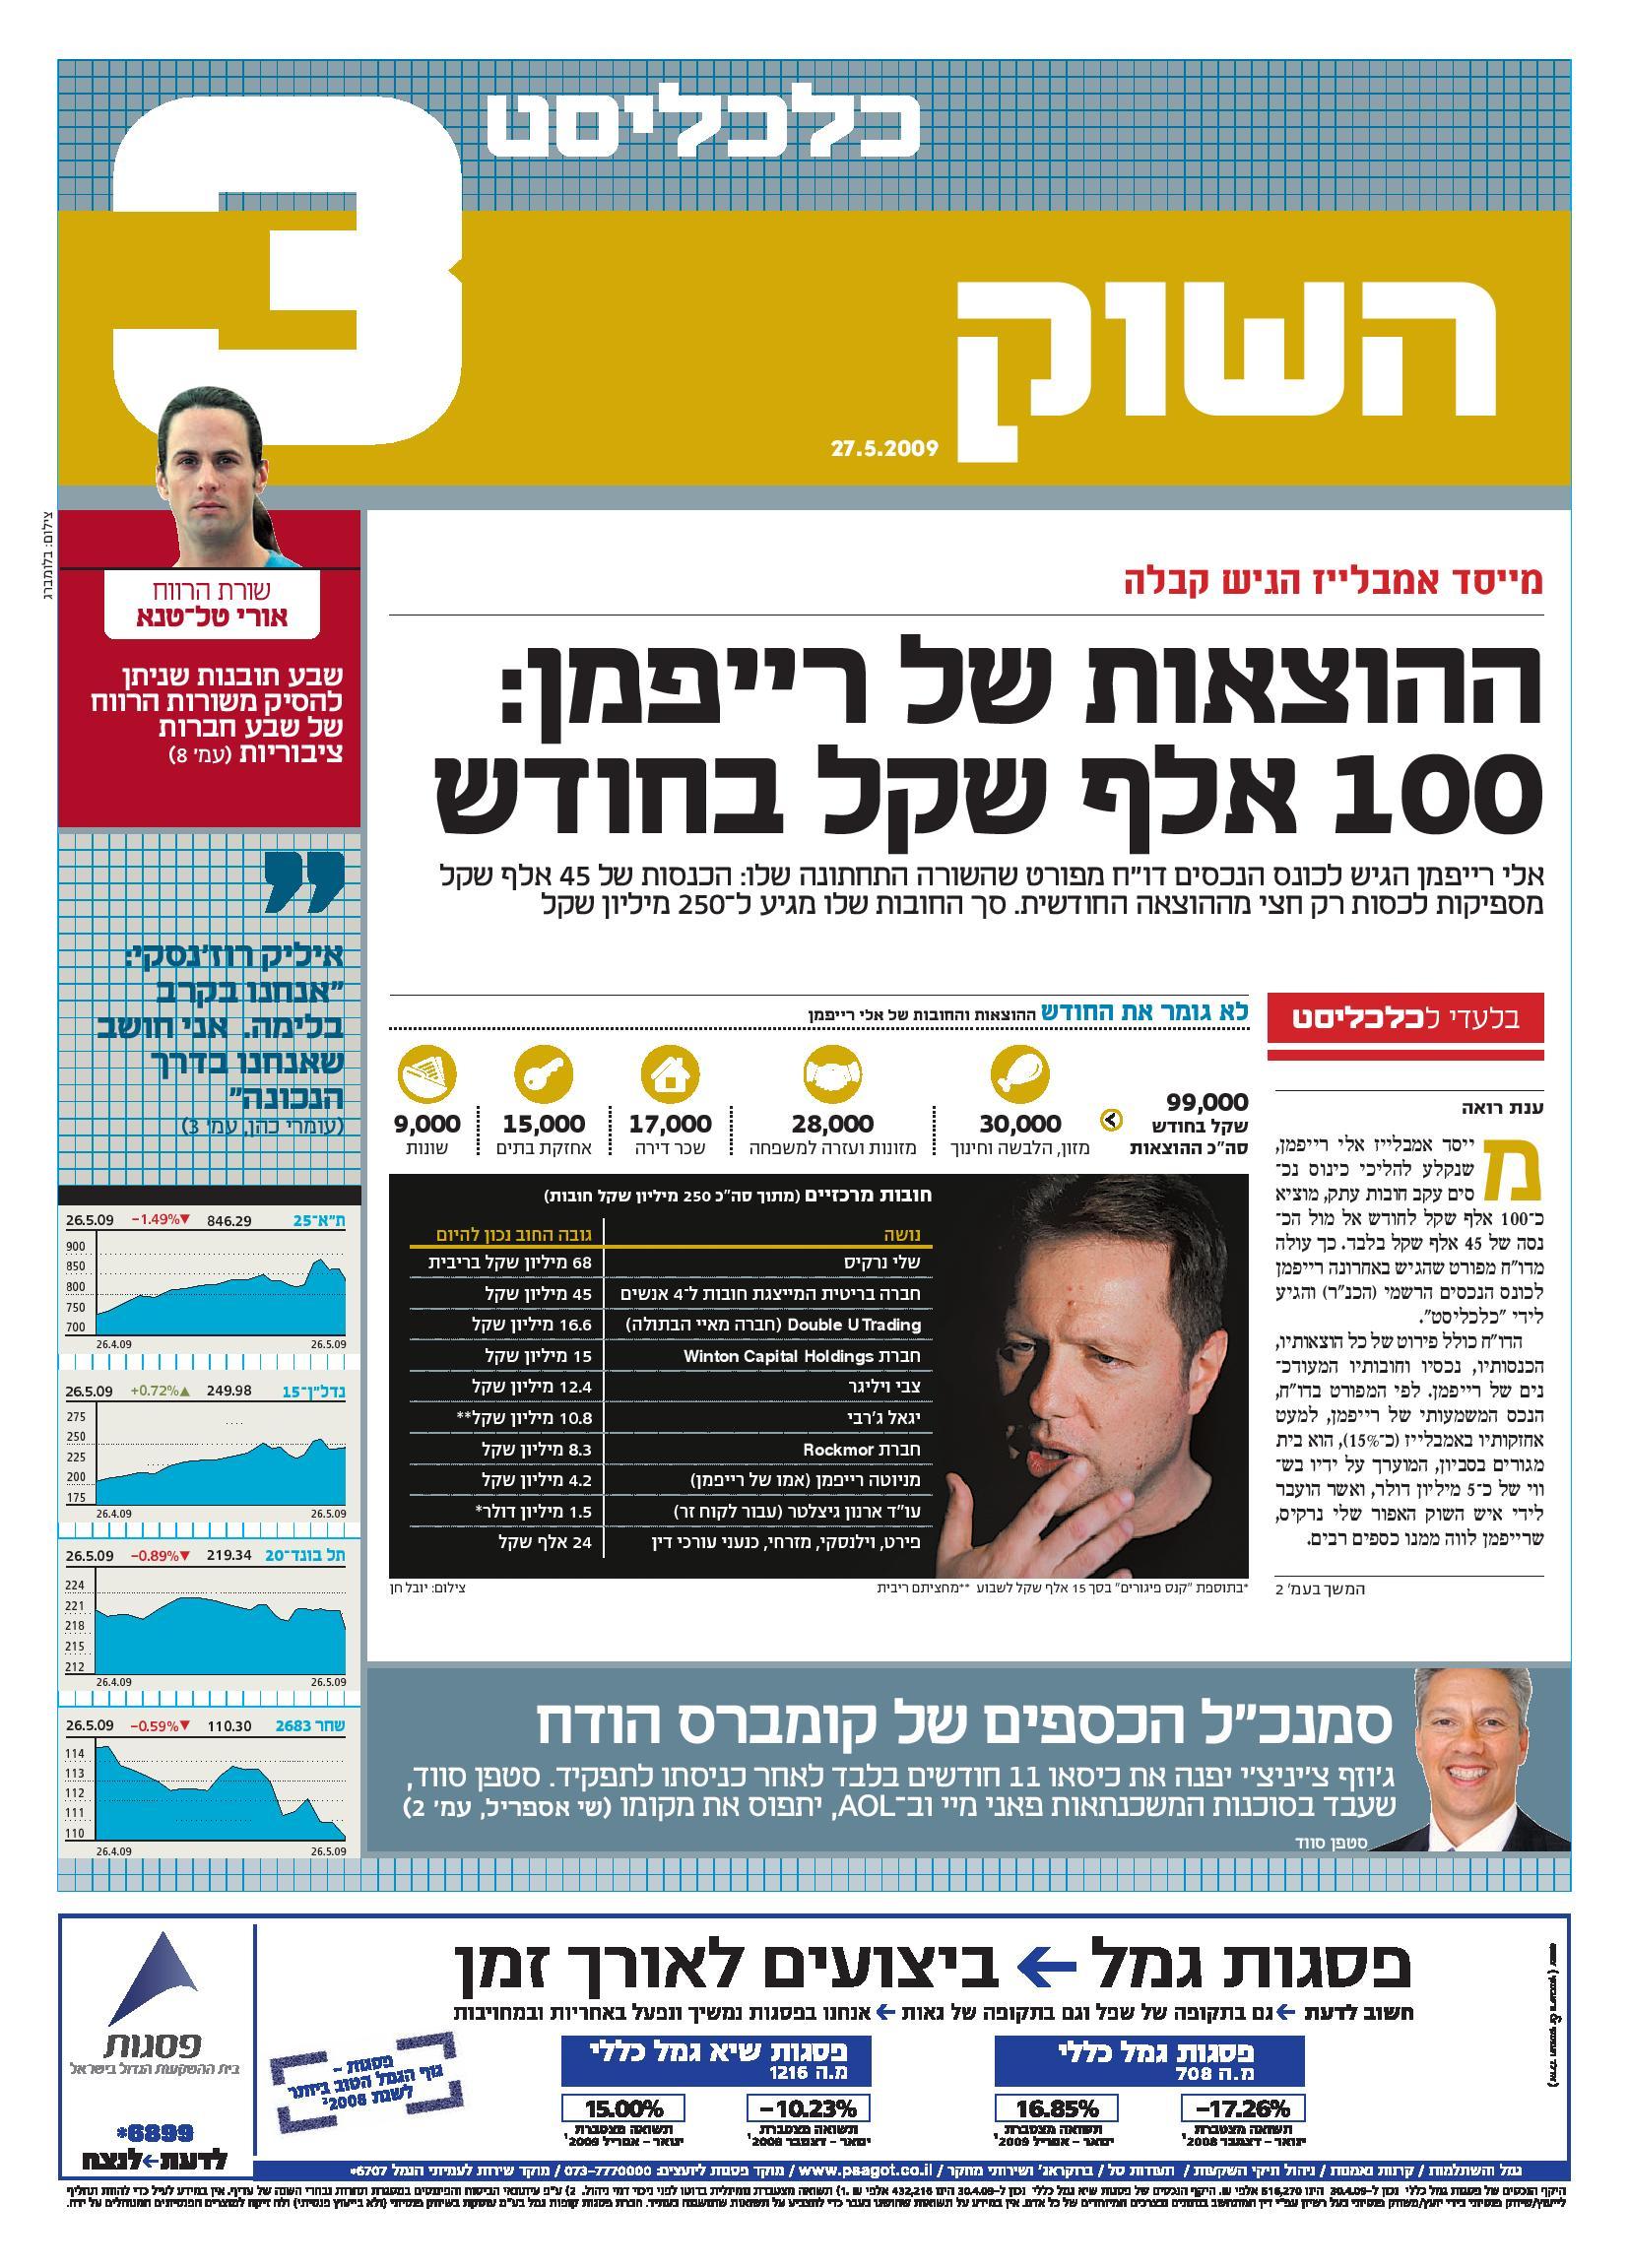 כלכליסט 27.5.2009